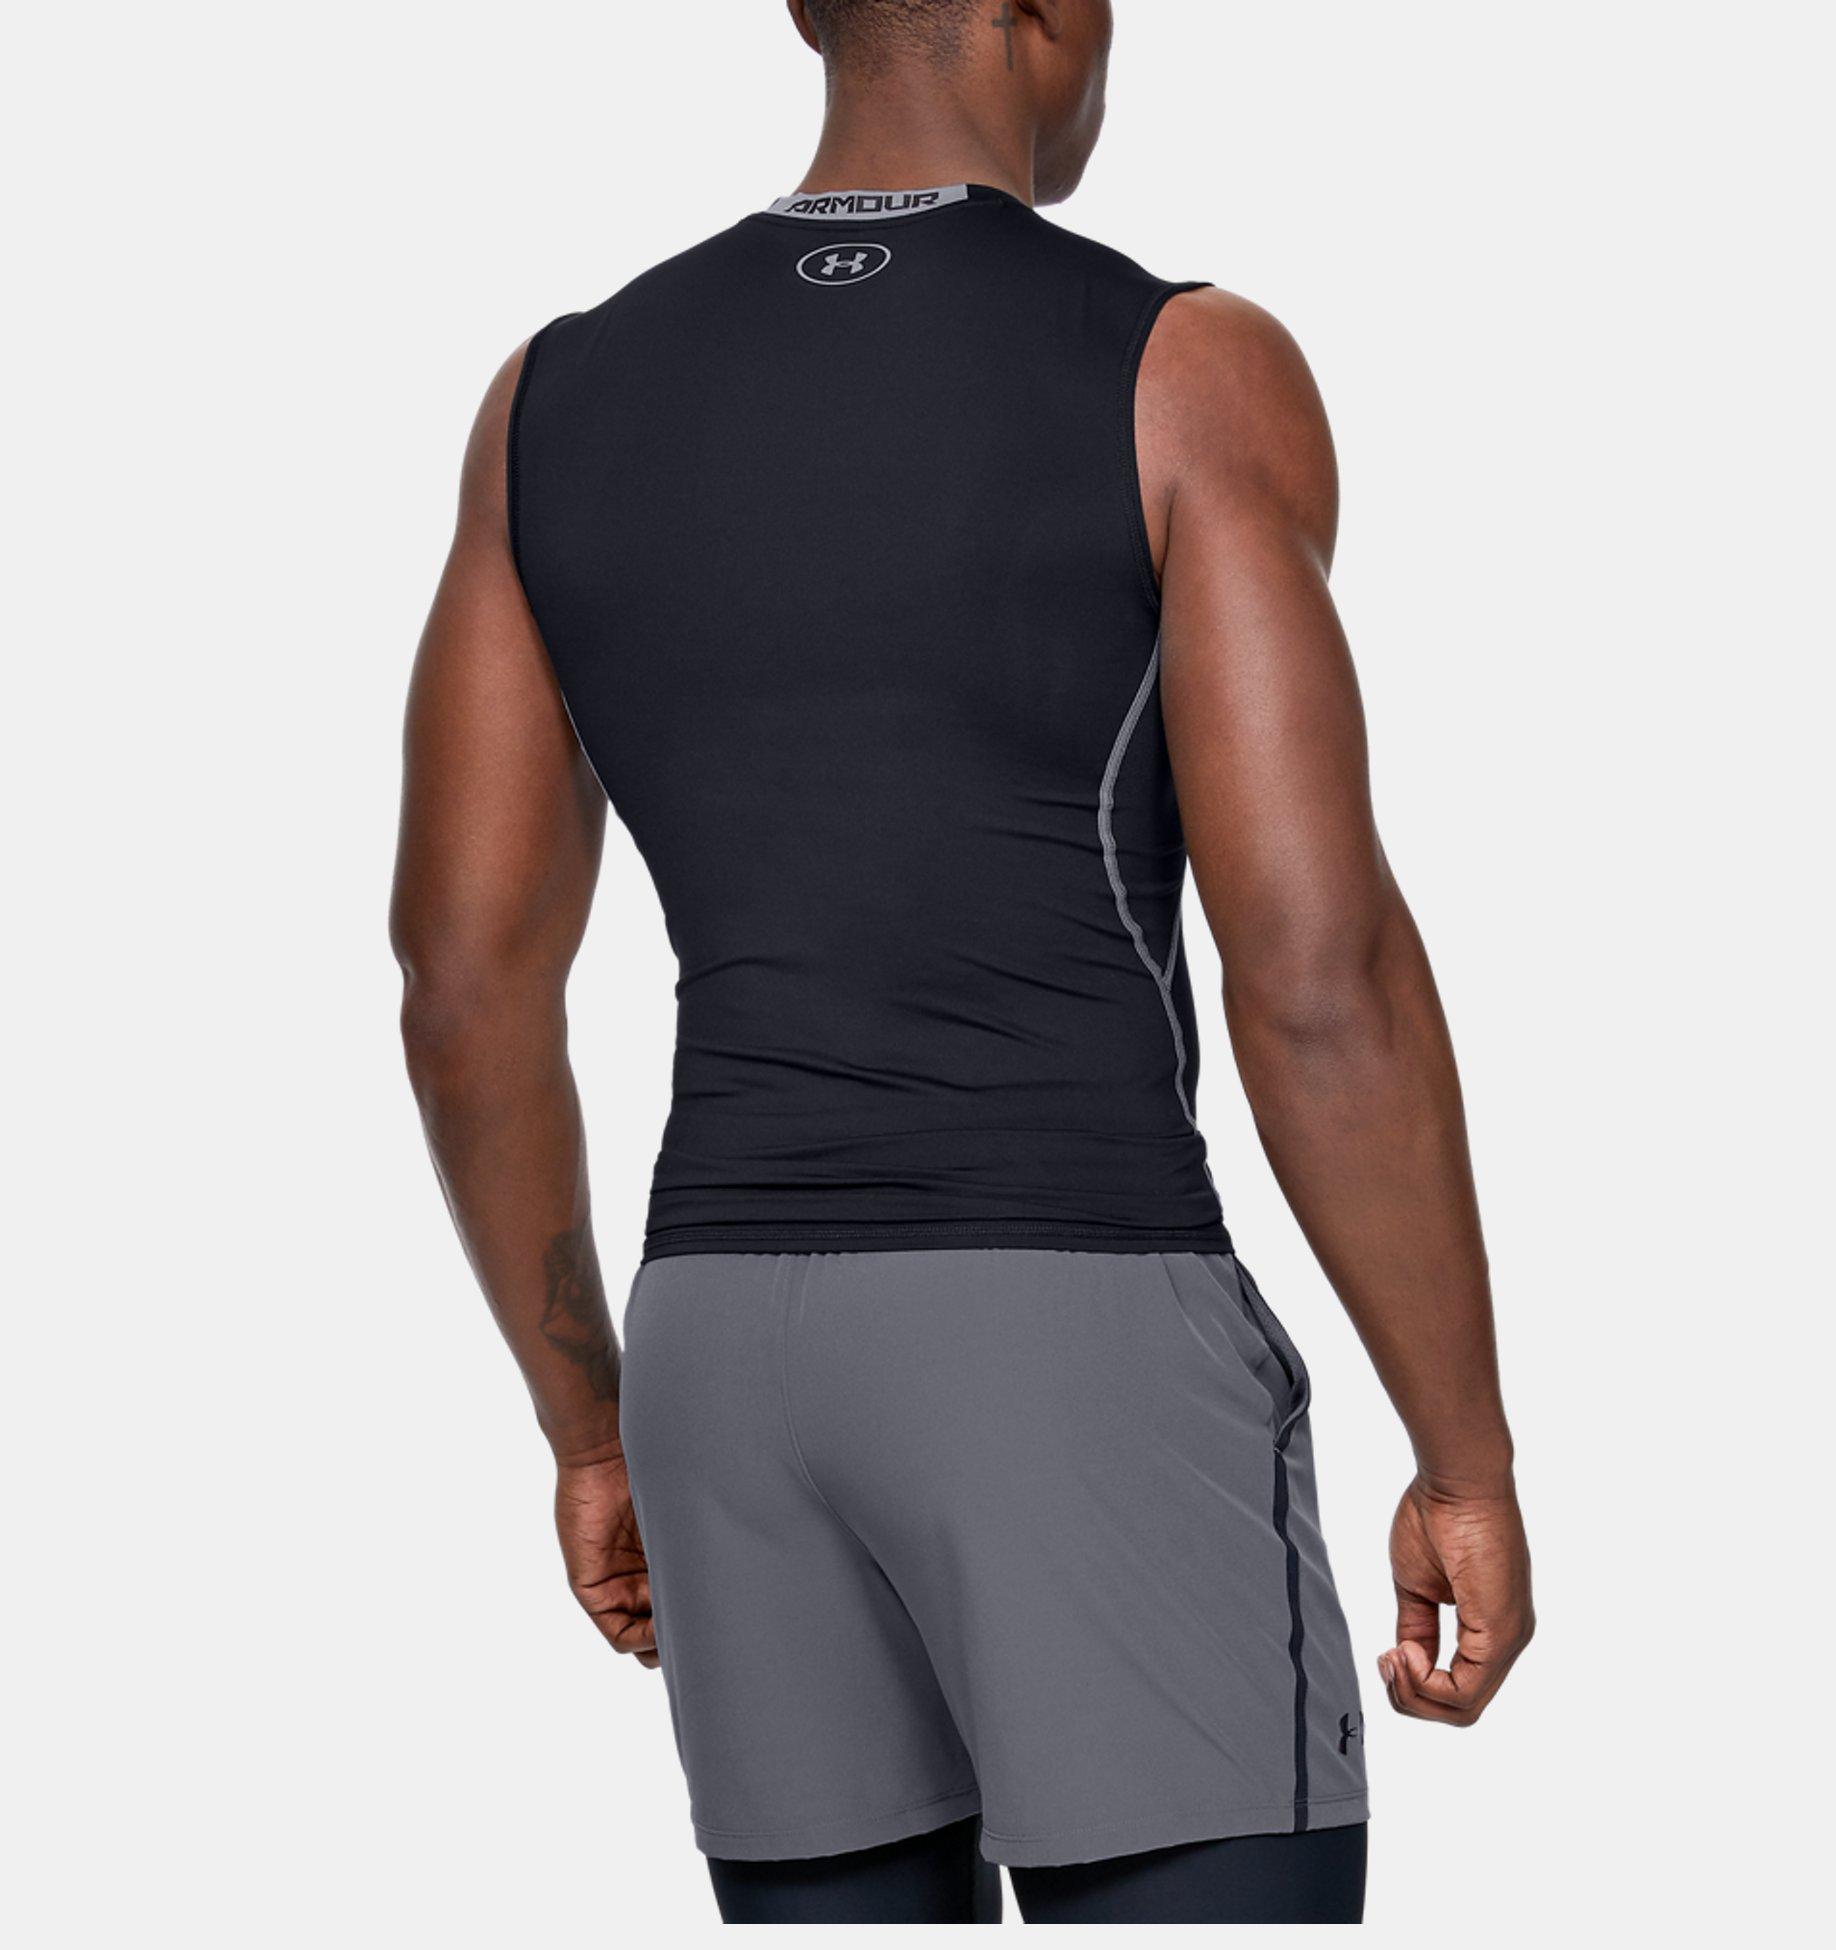 8d4ff457 Men's UA HeatGear® Armour Sleeveless Compression Shirt | Under Armour NZ